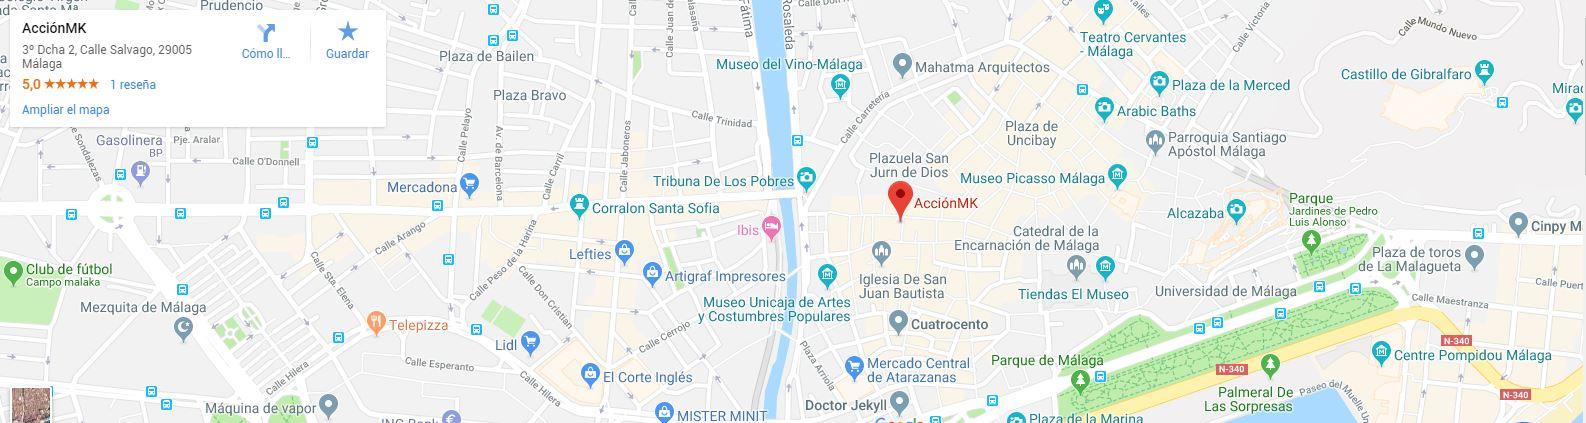 mapa AcciónMK